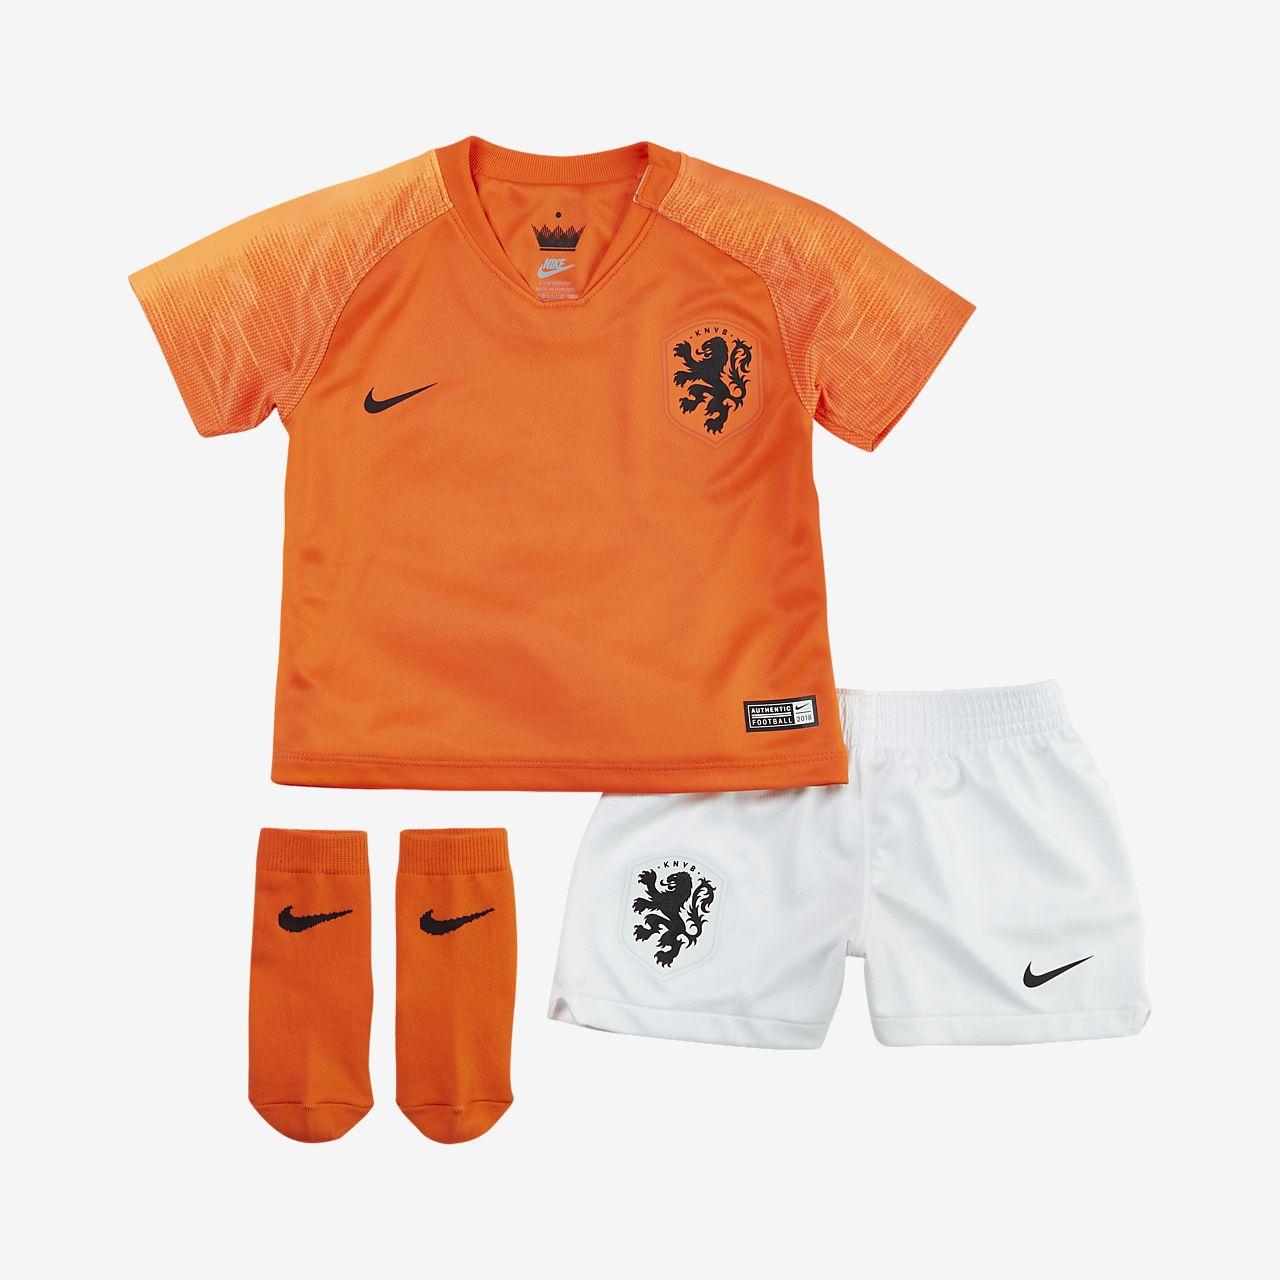 2018 Netherlands Stadium Home Equipació de futbol - Nadó i infant